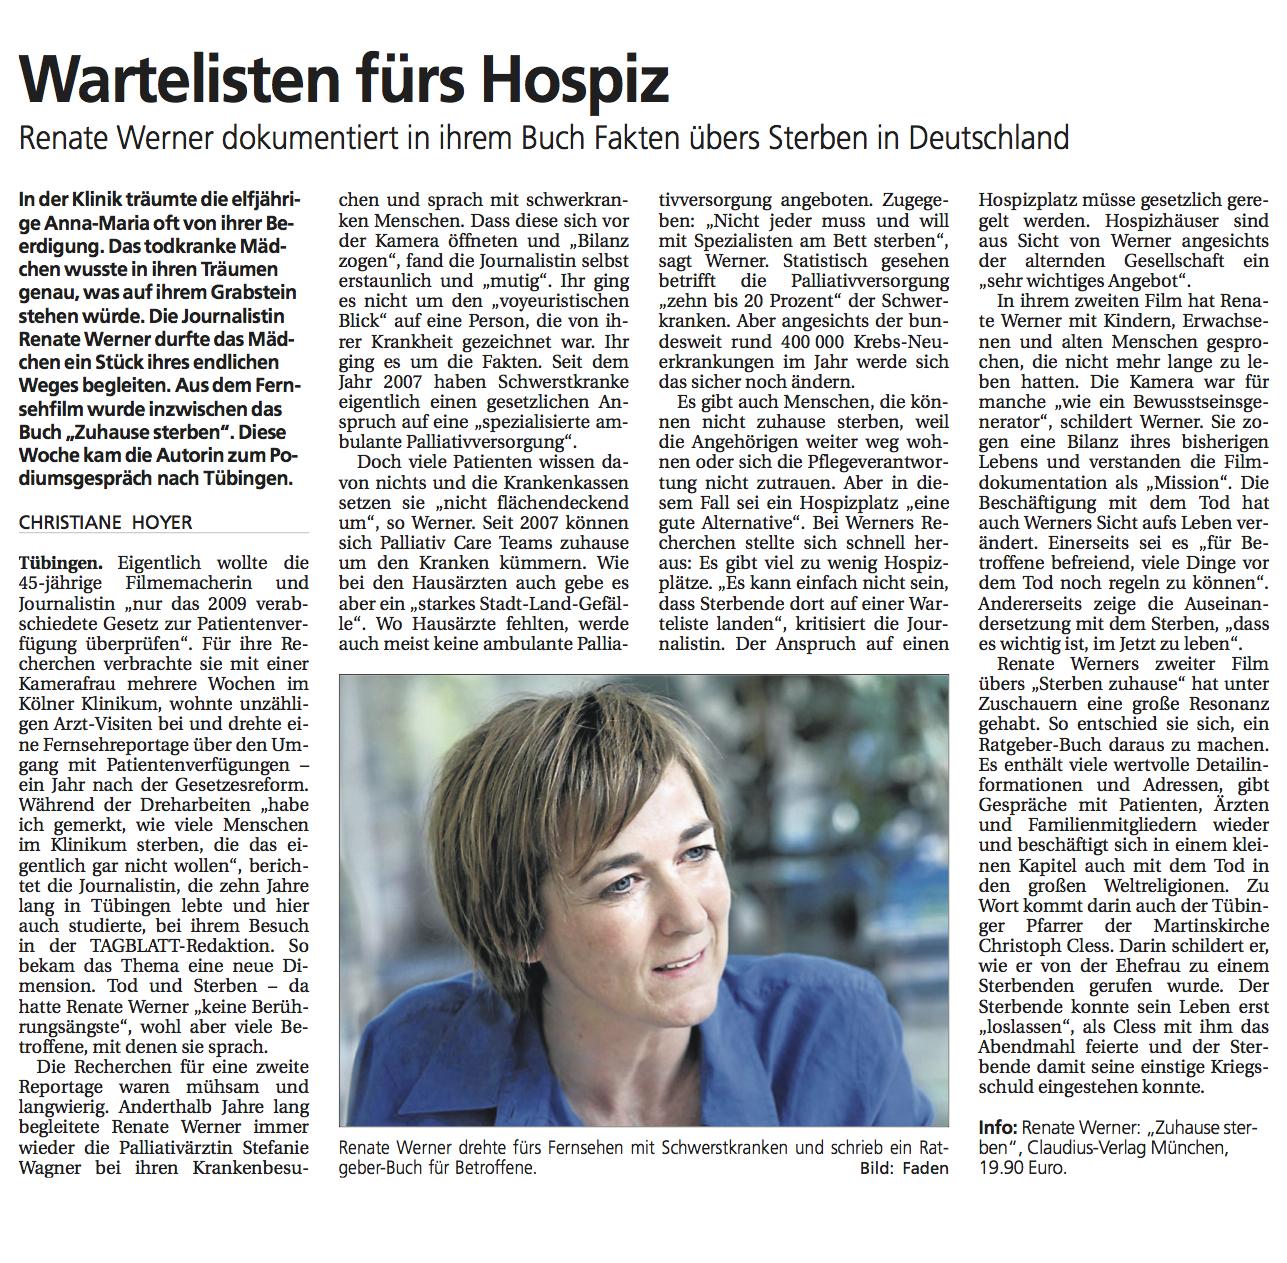 Tagblatt_6.6.15